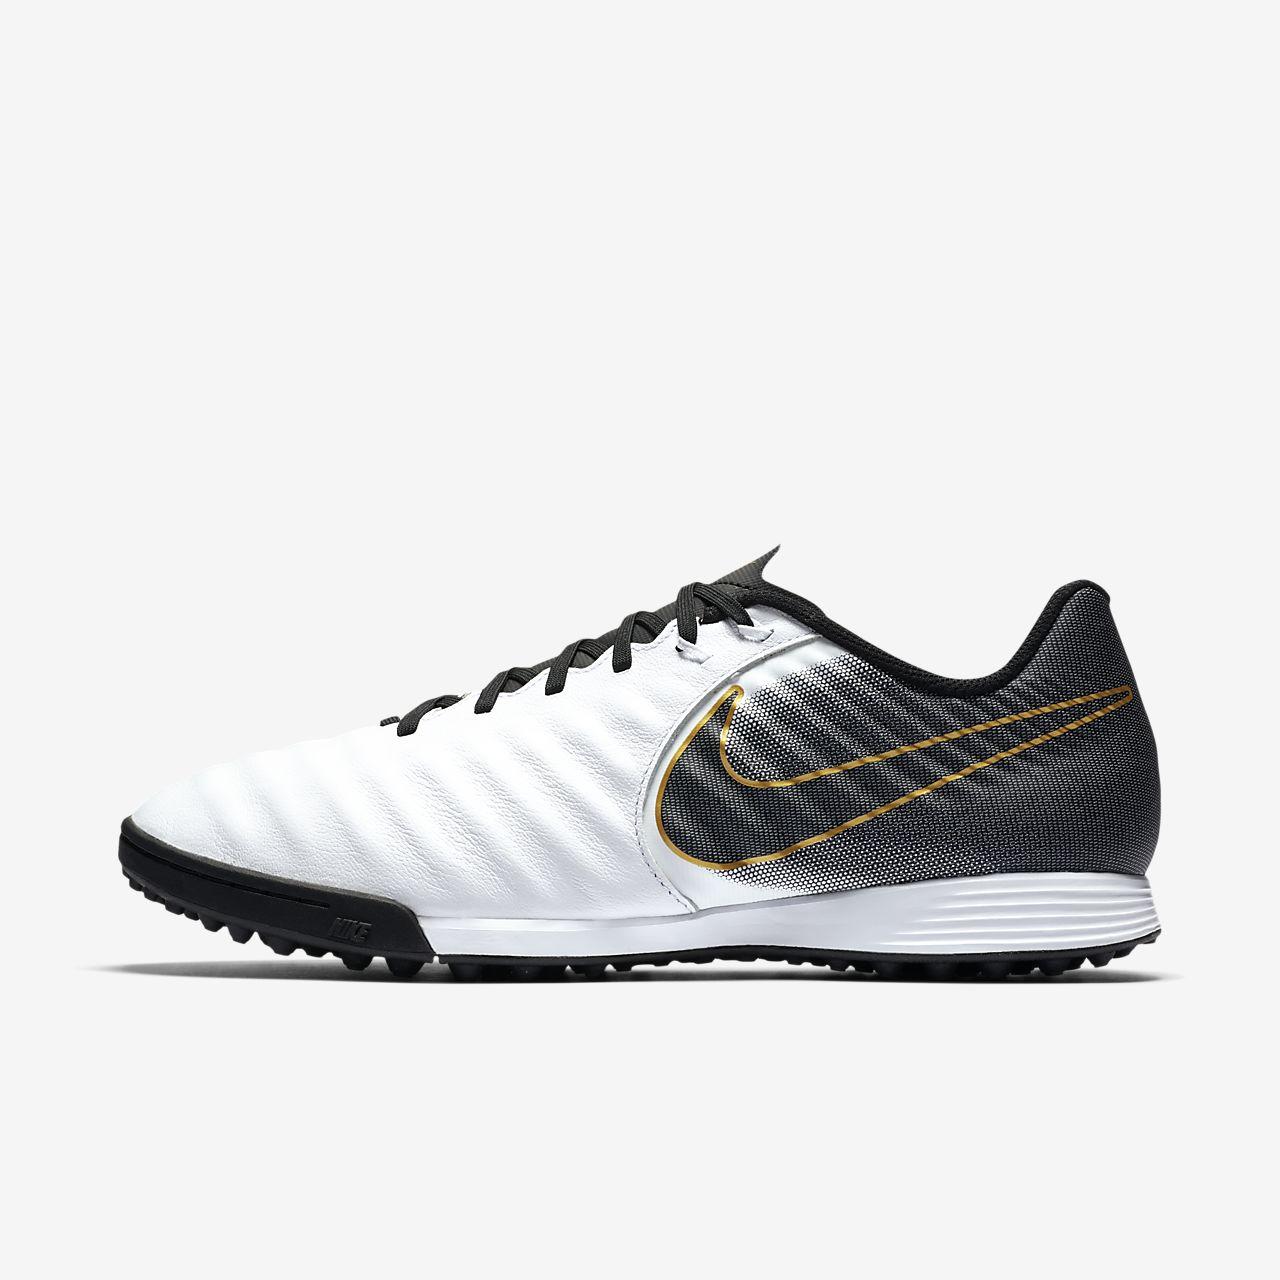 1b3f0848dc187 Calzado de fútbol para pasto artificial Nike LegendX 7 Academy TF ...